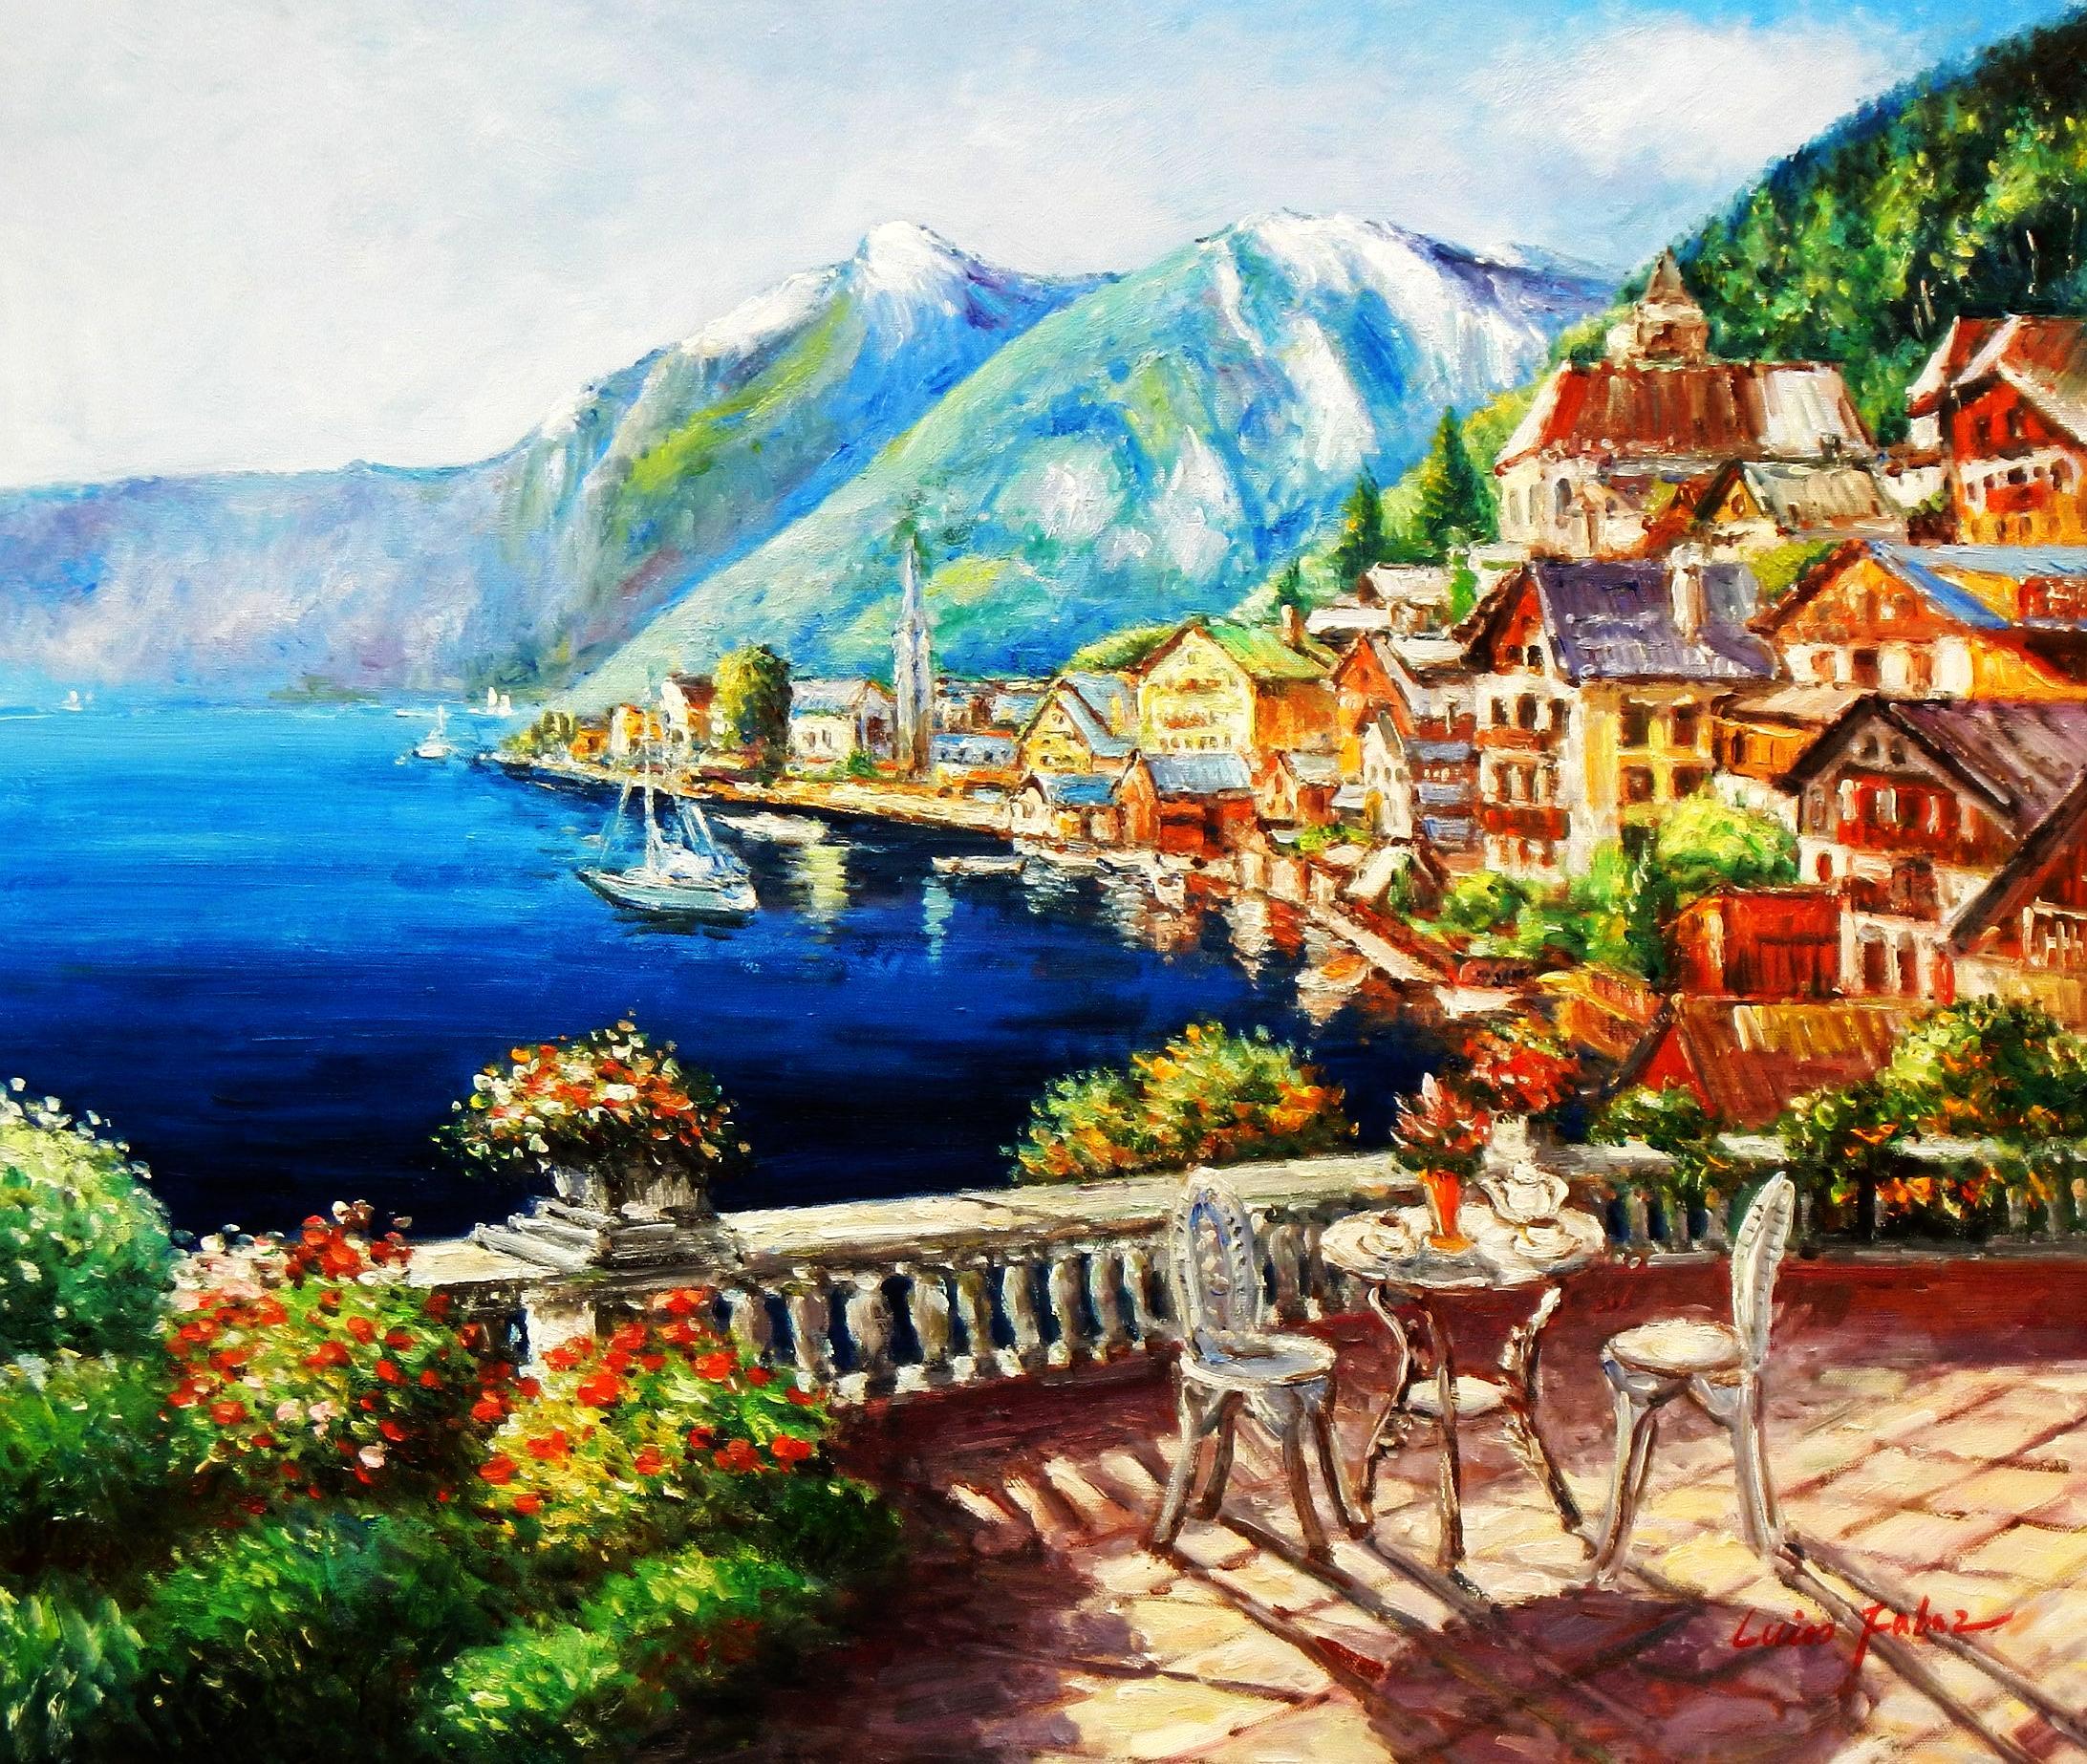 Hotelterrasse mit Meeresblick c94218 50x60cm abstraktes Gemälde handgemalt